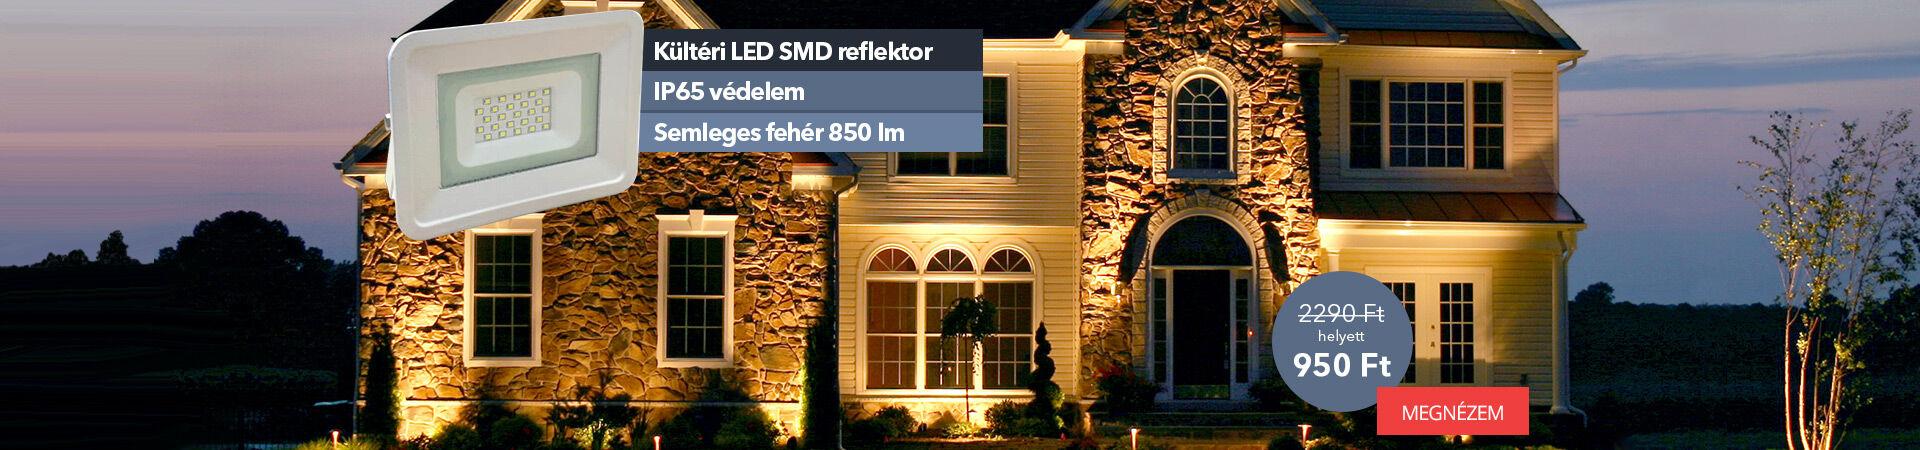 Kültéri LED SMD reflektor